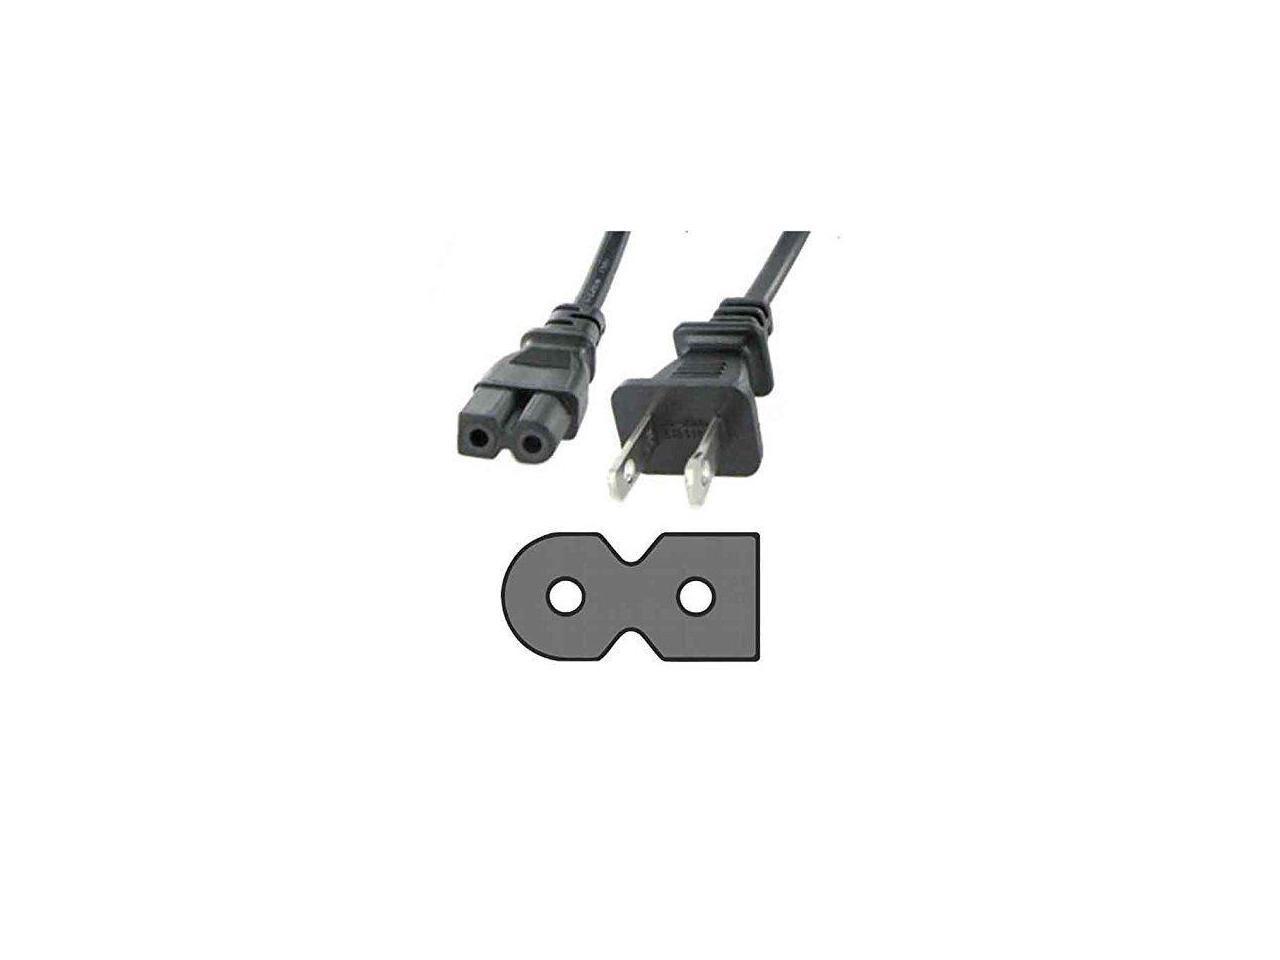 Power Cable Cord For Vizio E48 C2 D55u D1